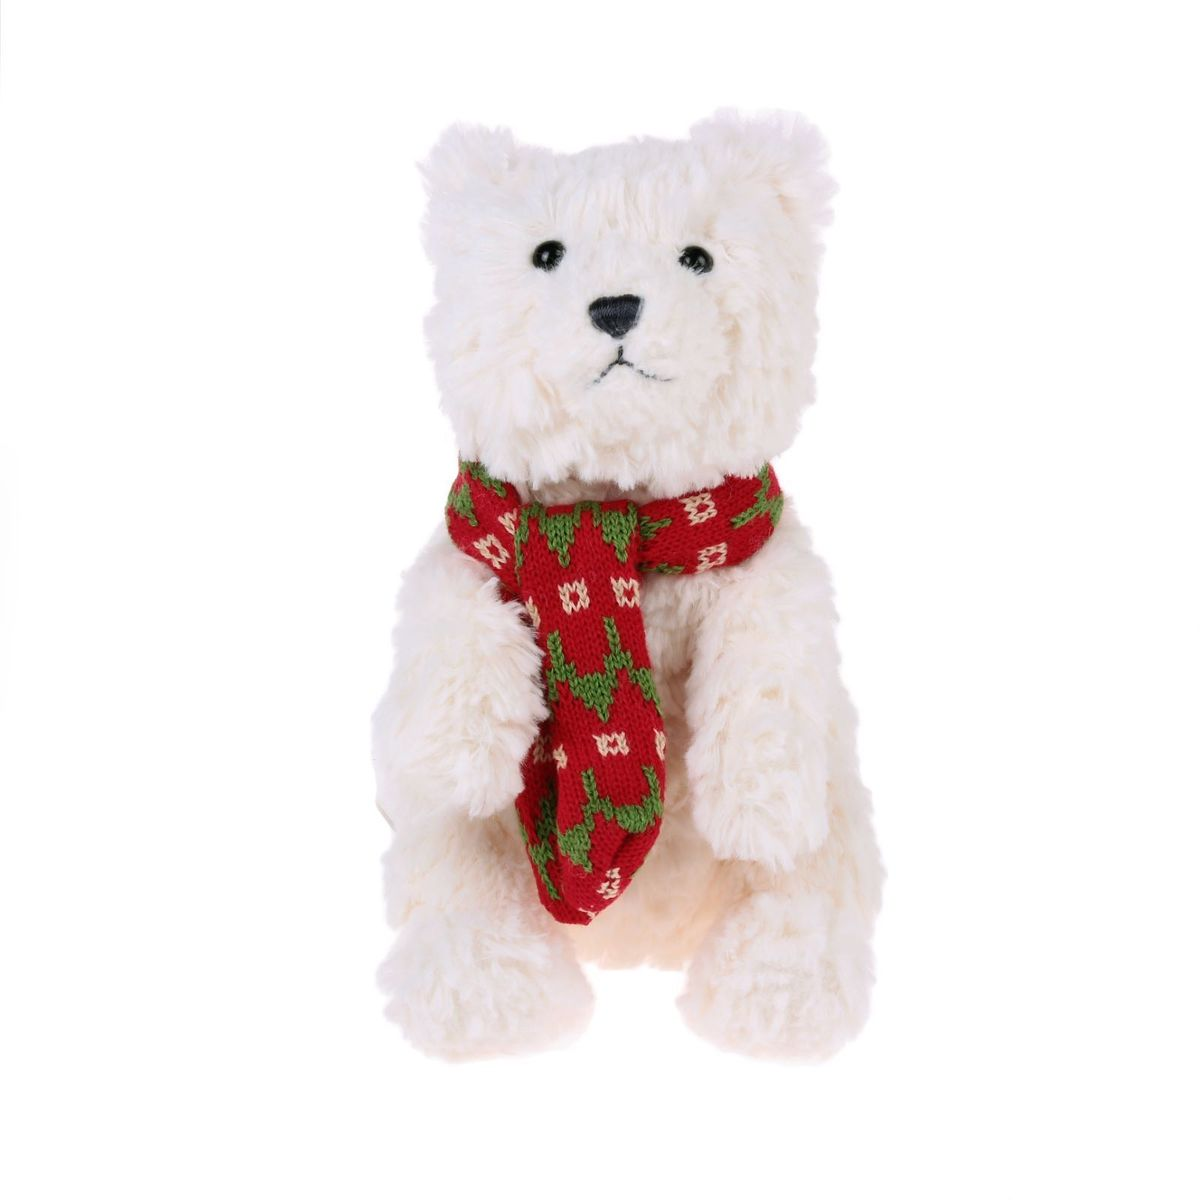 Gund Мягкая игрушка Медведь полярный Bluster Small 30,5 см